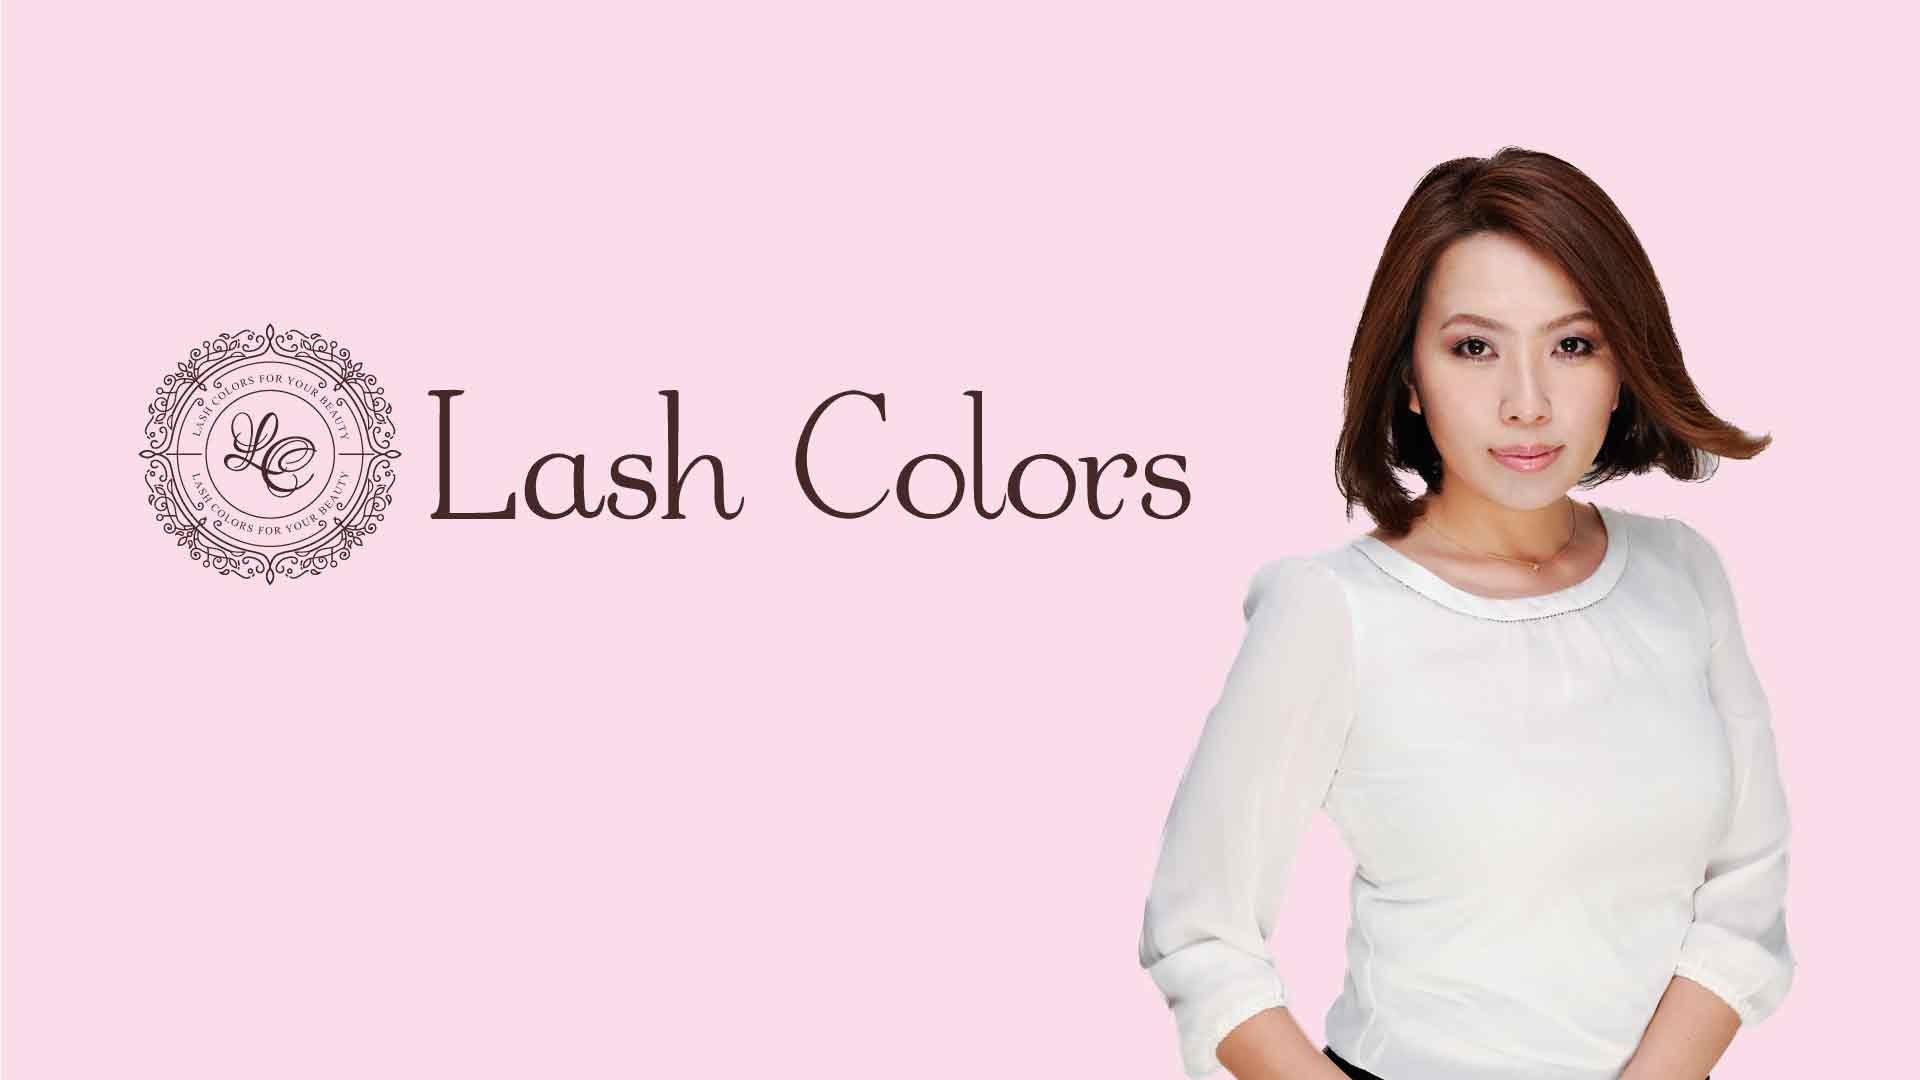 Lash Colors 徳永侑子(ラッシュカラーズ トクナガ ユウコ)